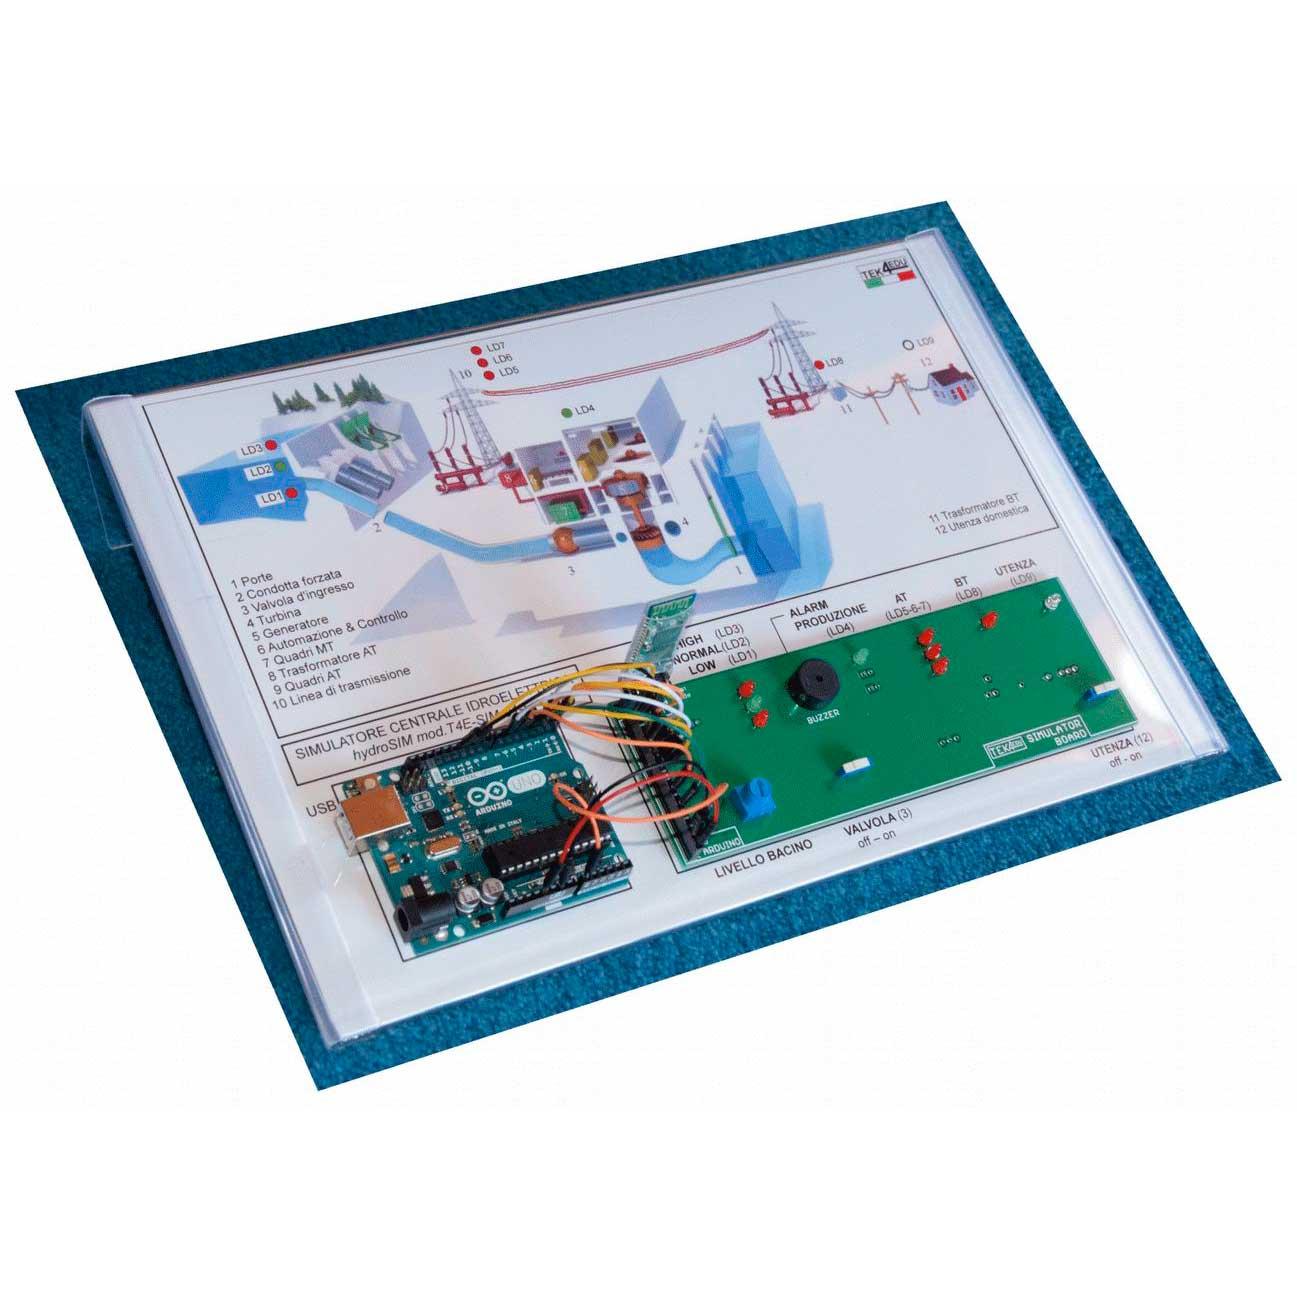 Centrale idroelettrica easy t4e nabla tecnologie for Simulatore di arredamento